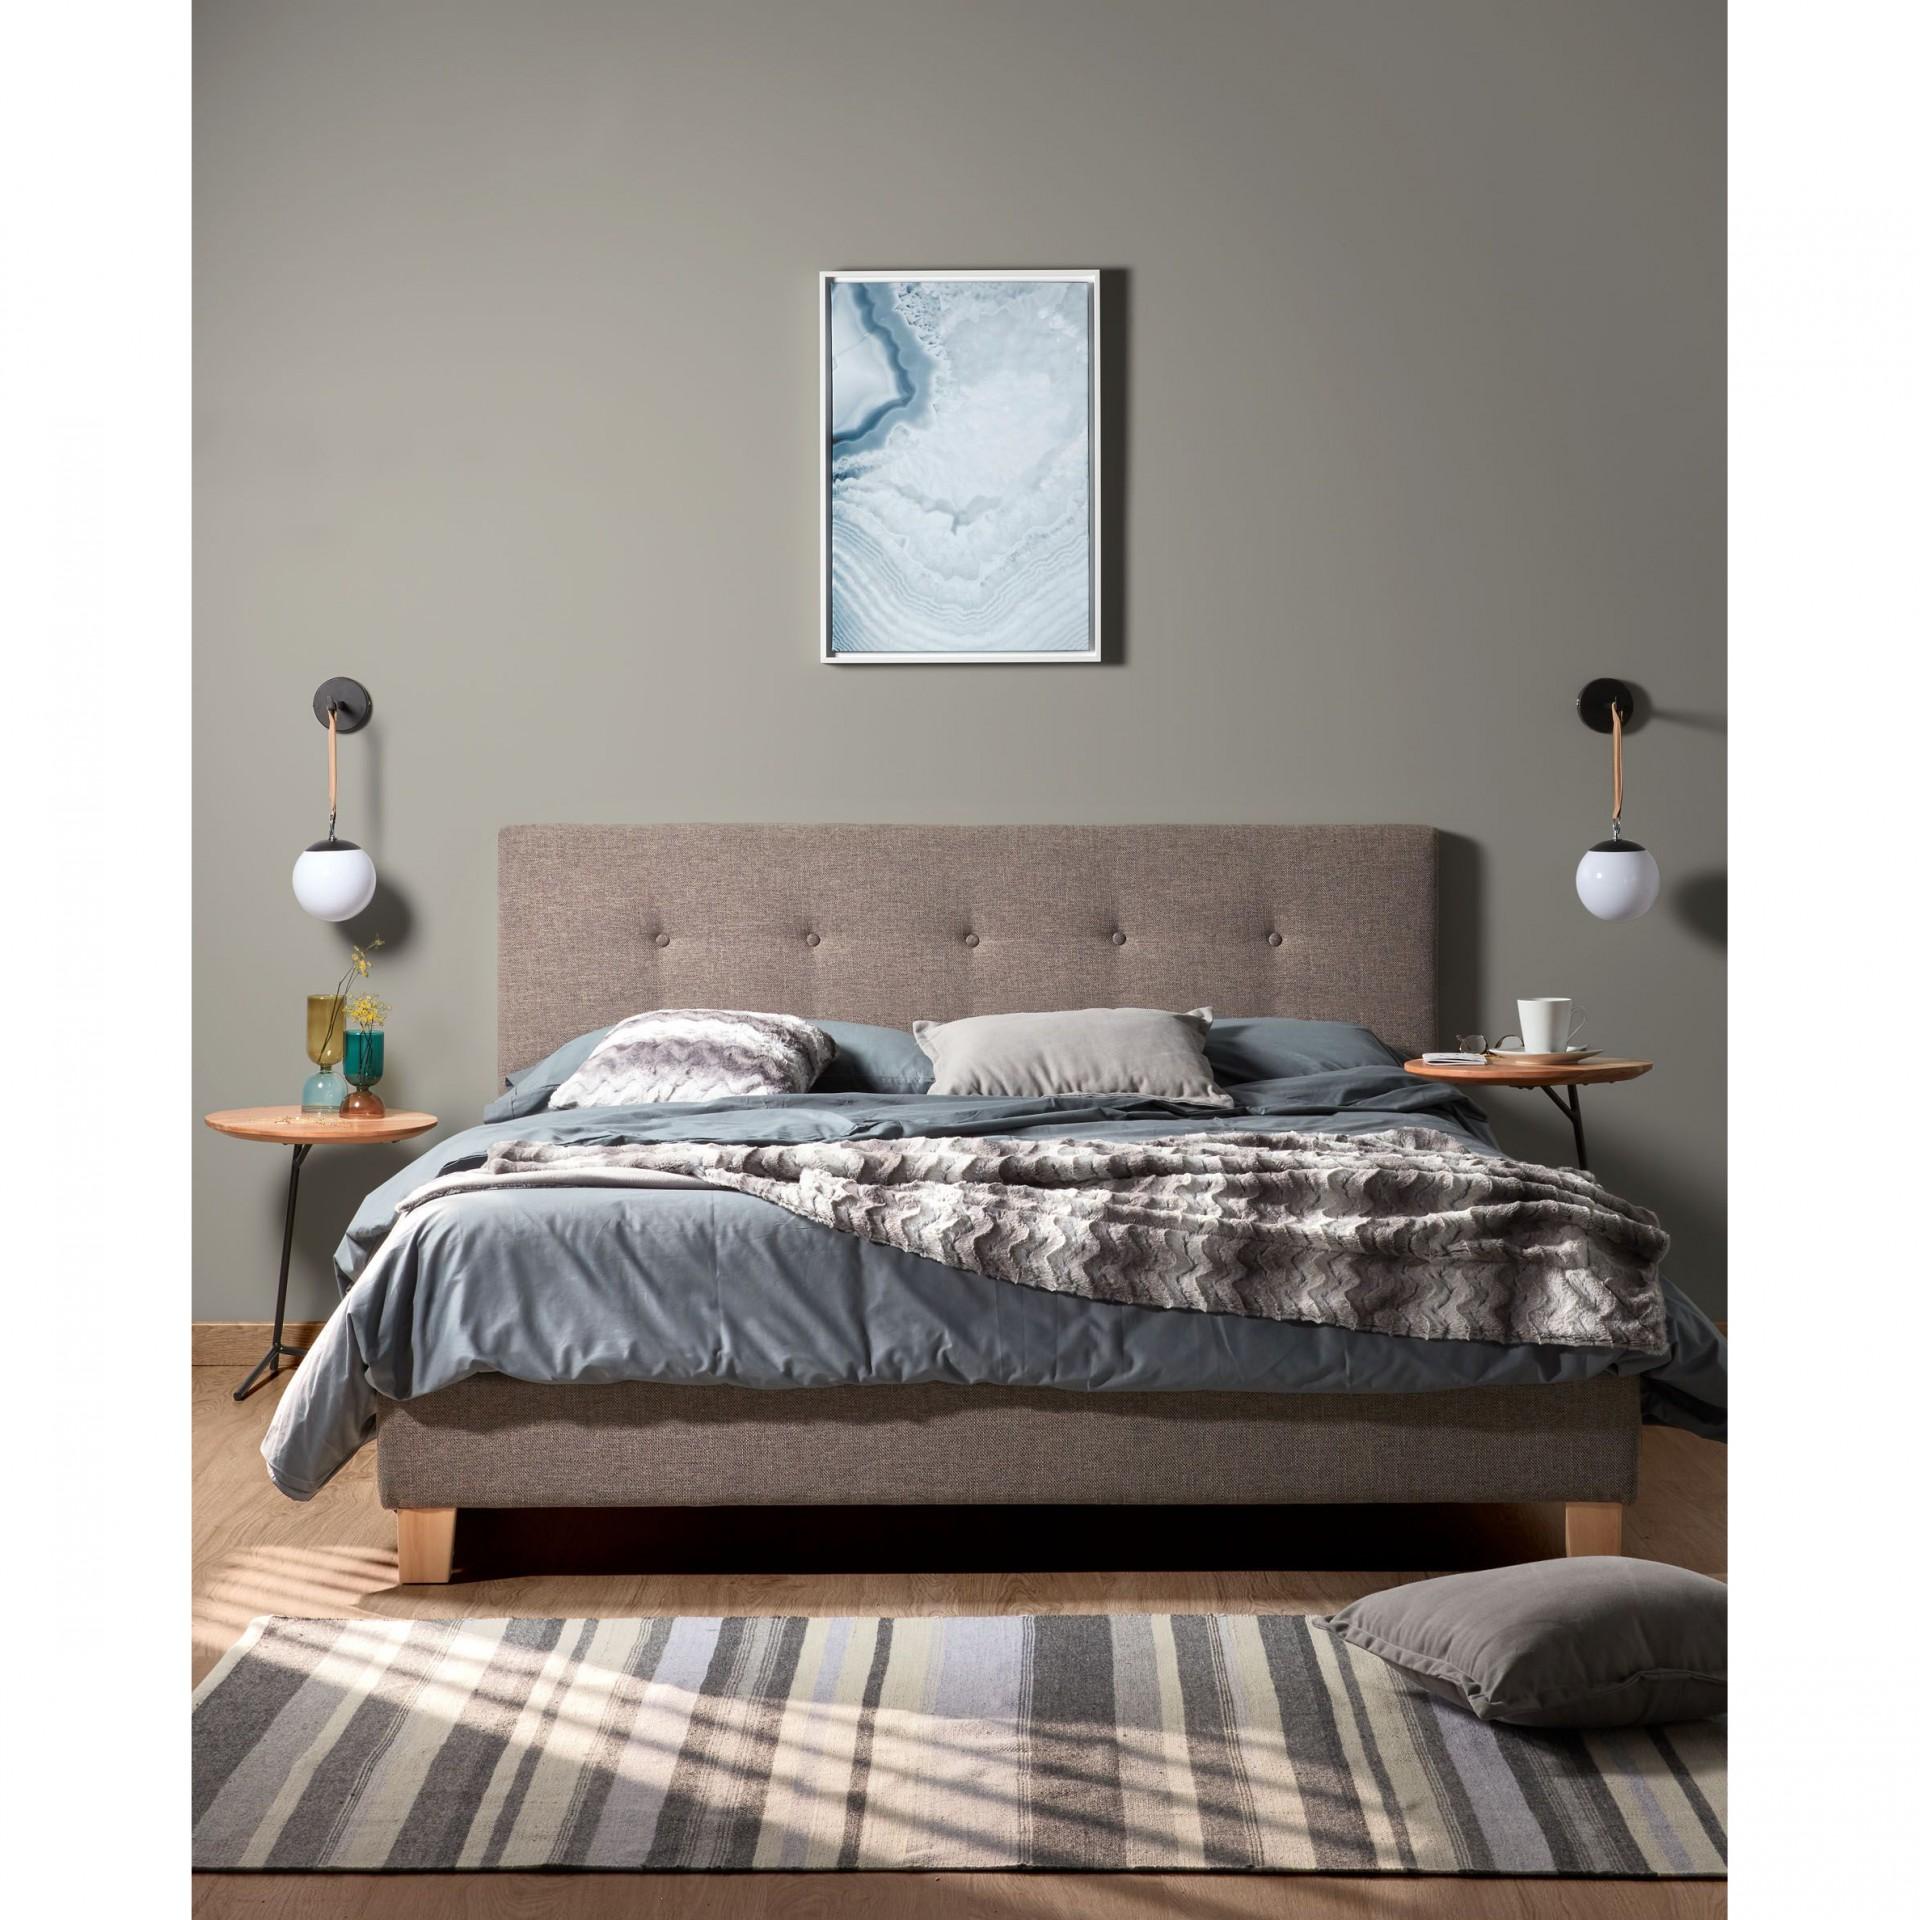 Candeeiro de parede Globo, acrílico/metal, branco/preto, Ø14x38 cm